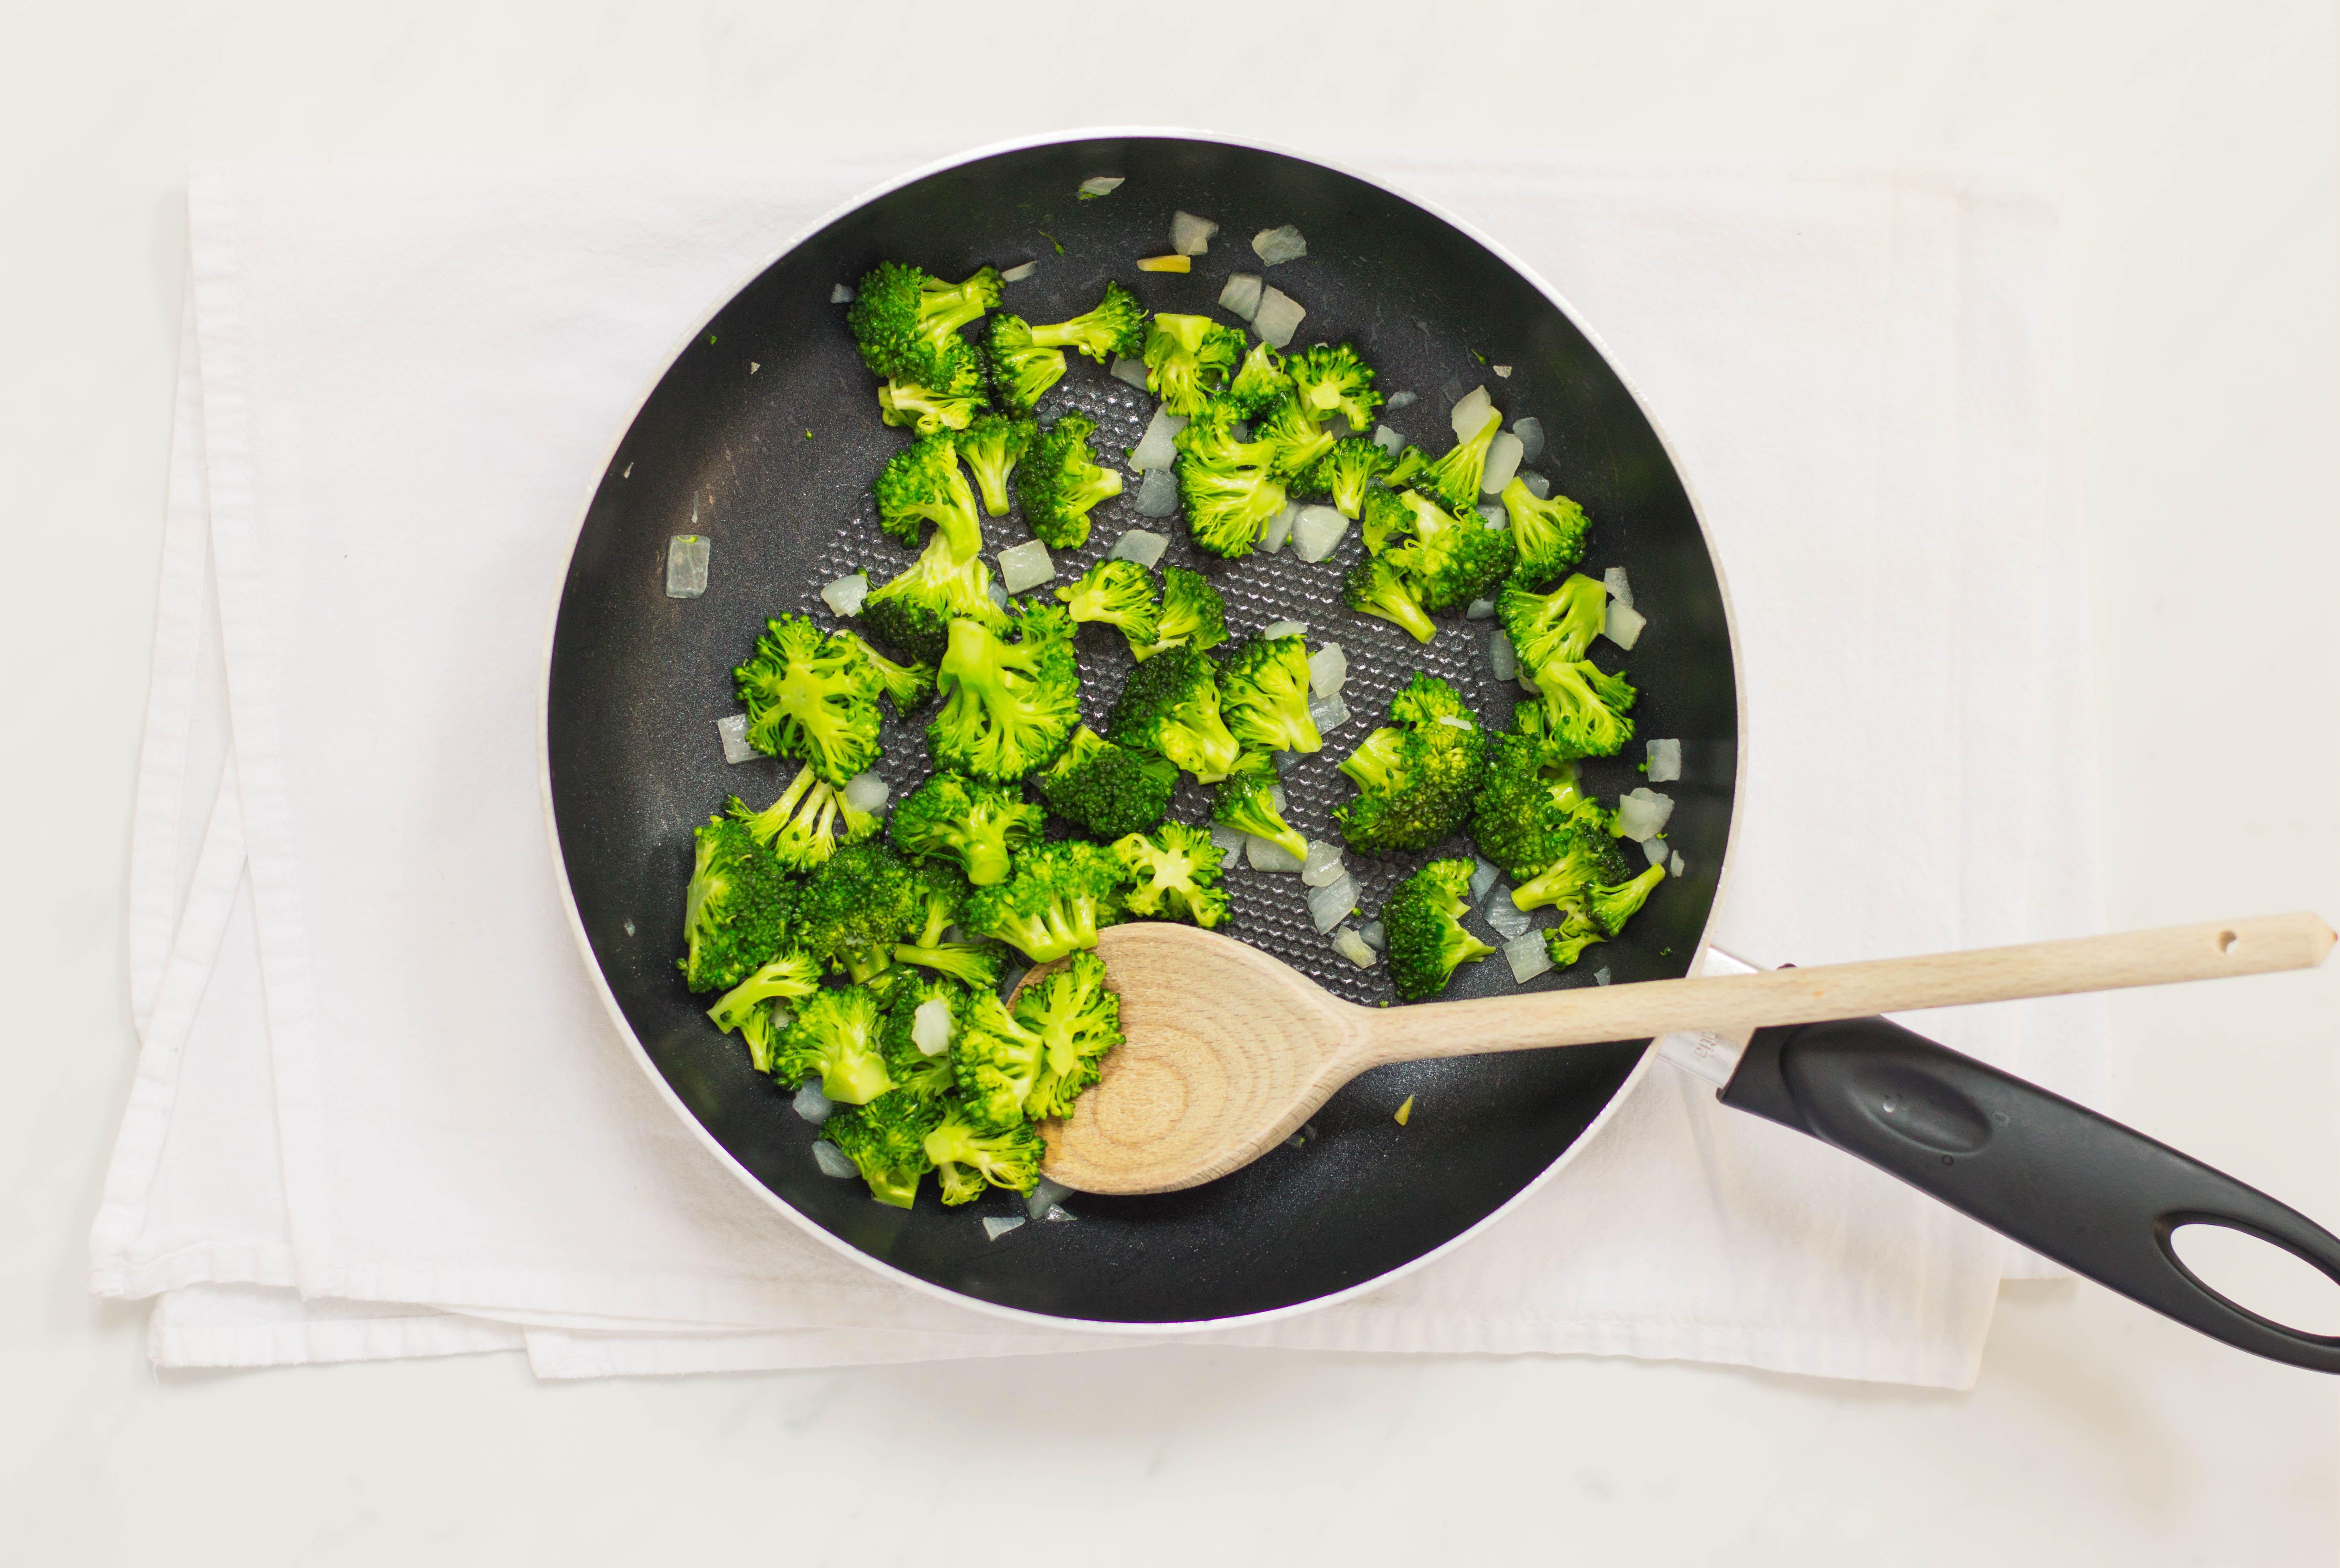 Turkey and Broccoli Quiche Recipe